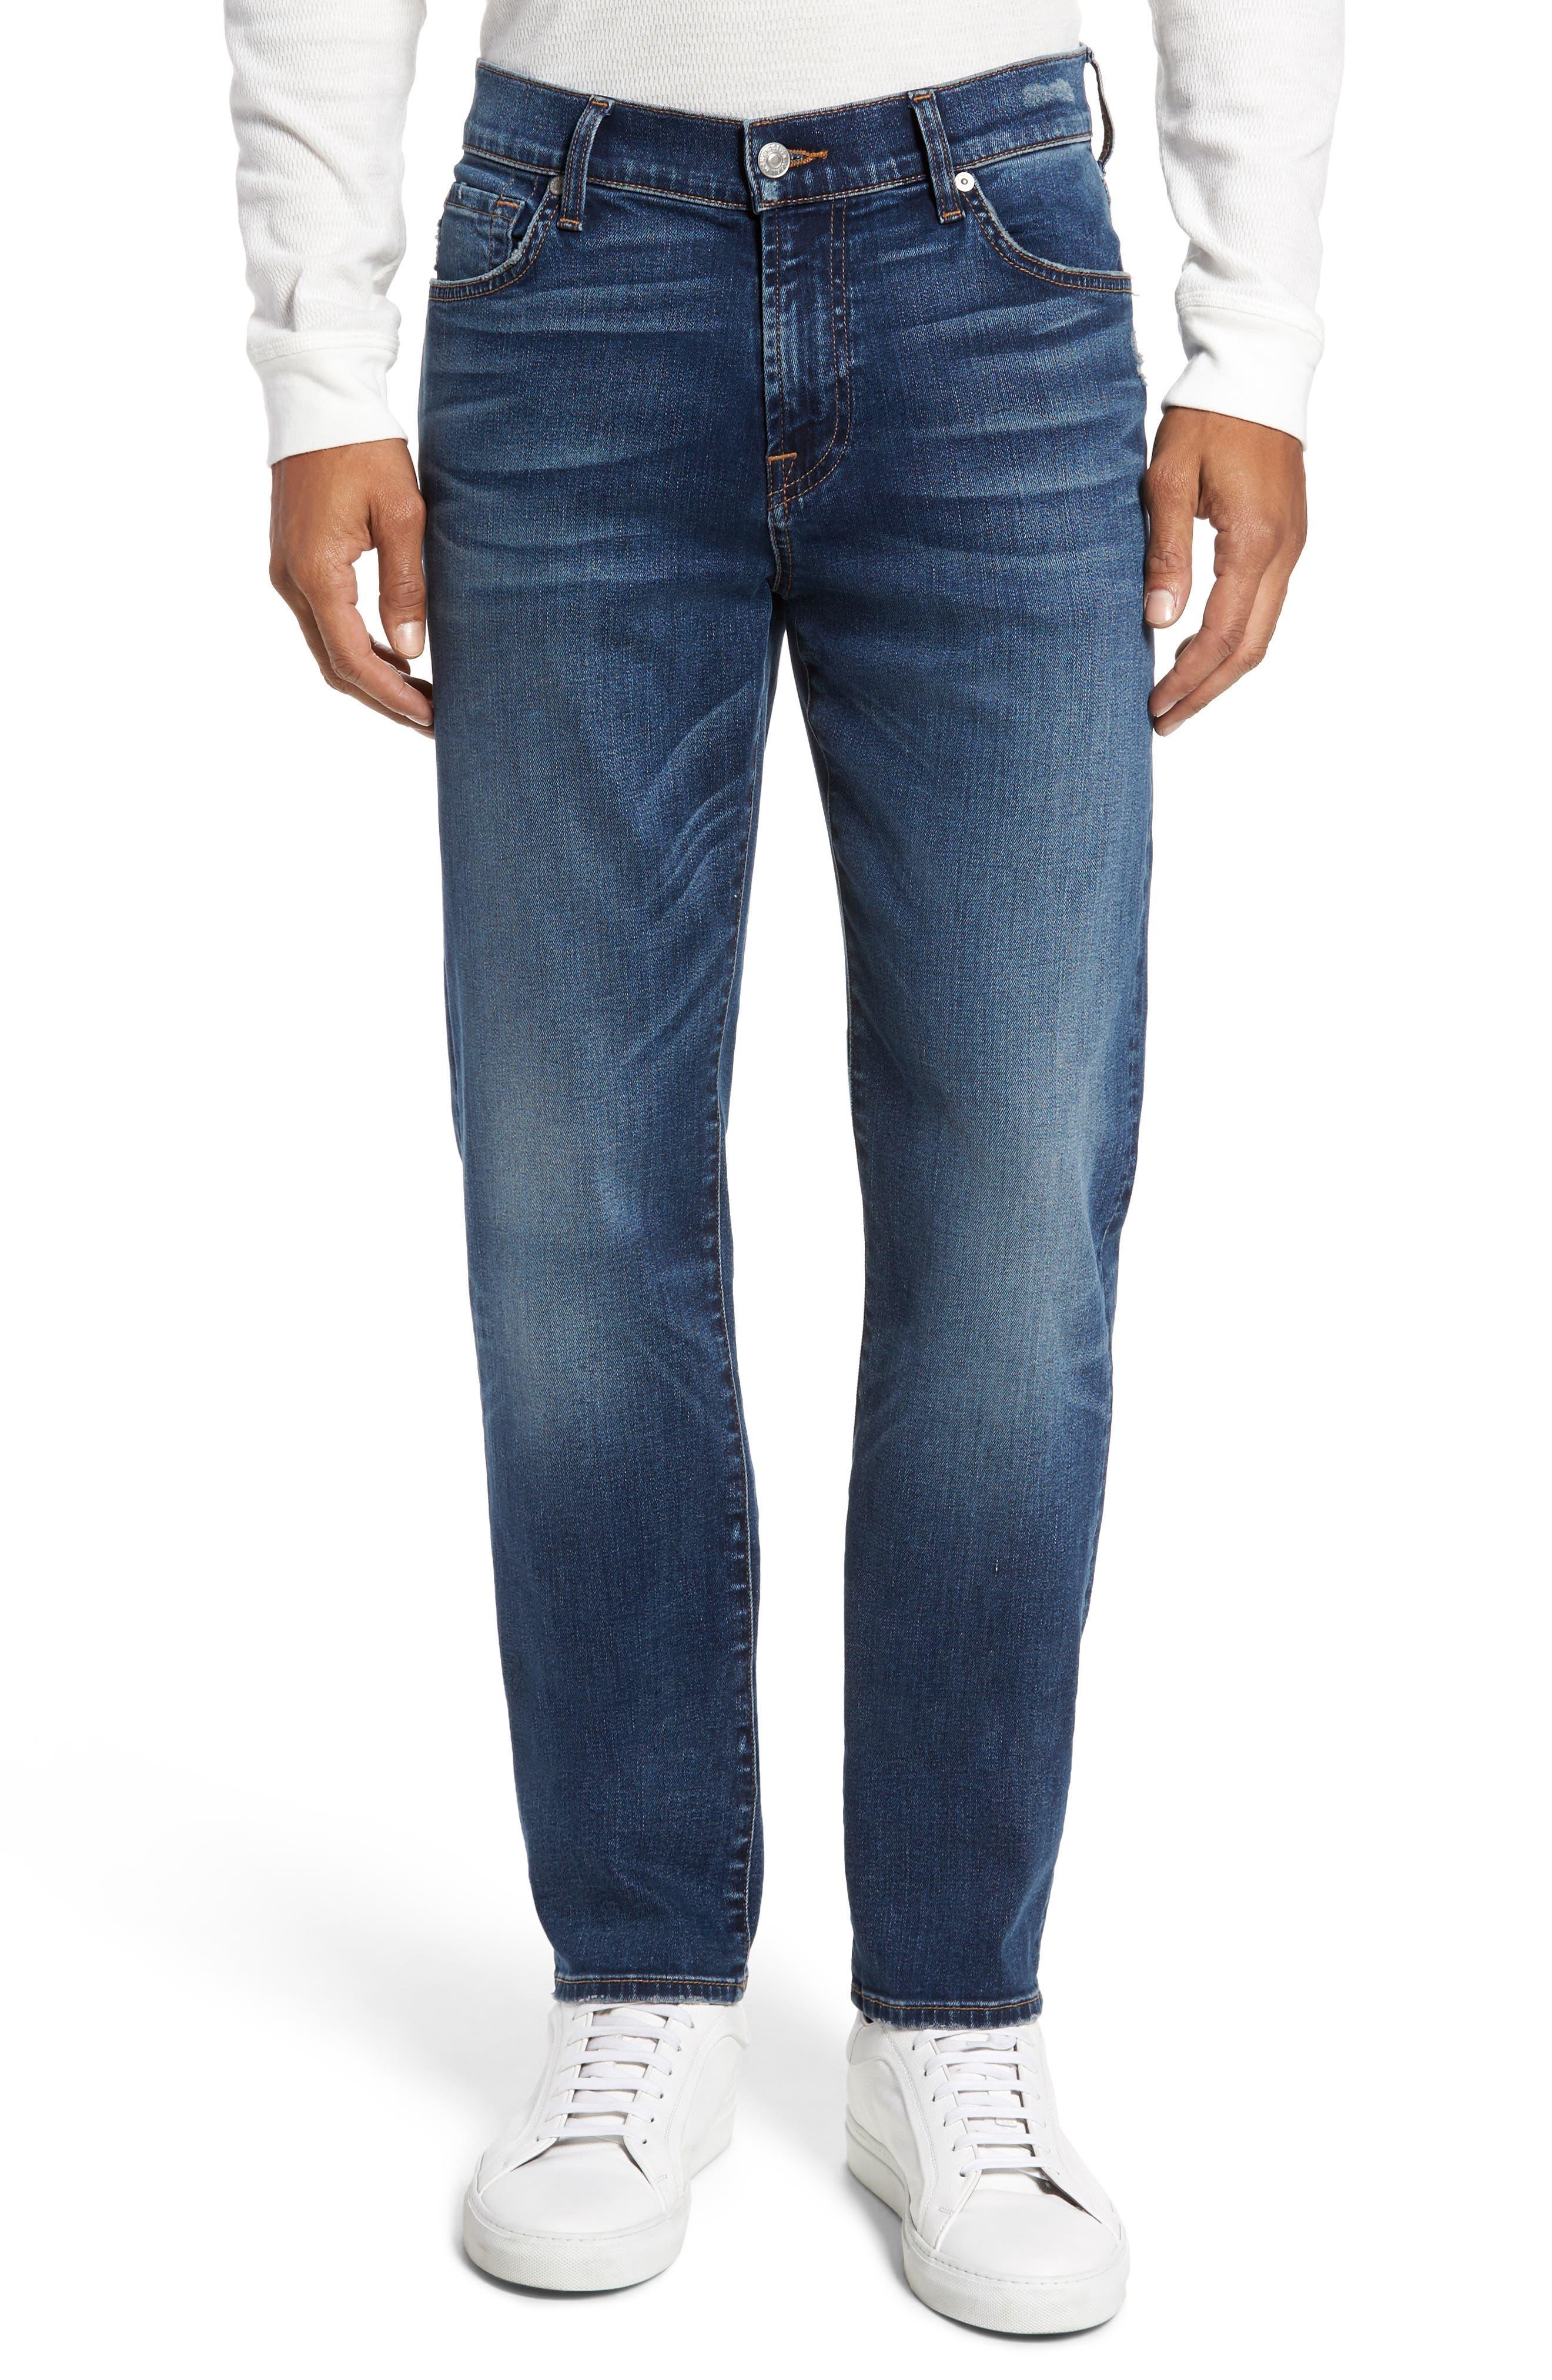 Slimmy Slim Fit Jeans,                             Main thumbnail 1, color,                             Union